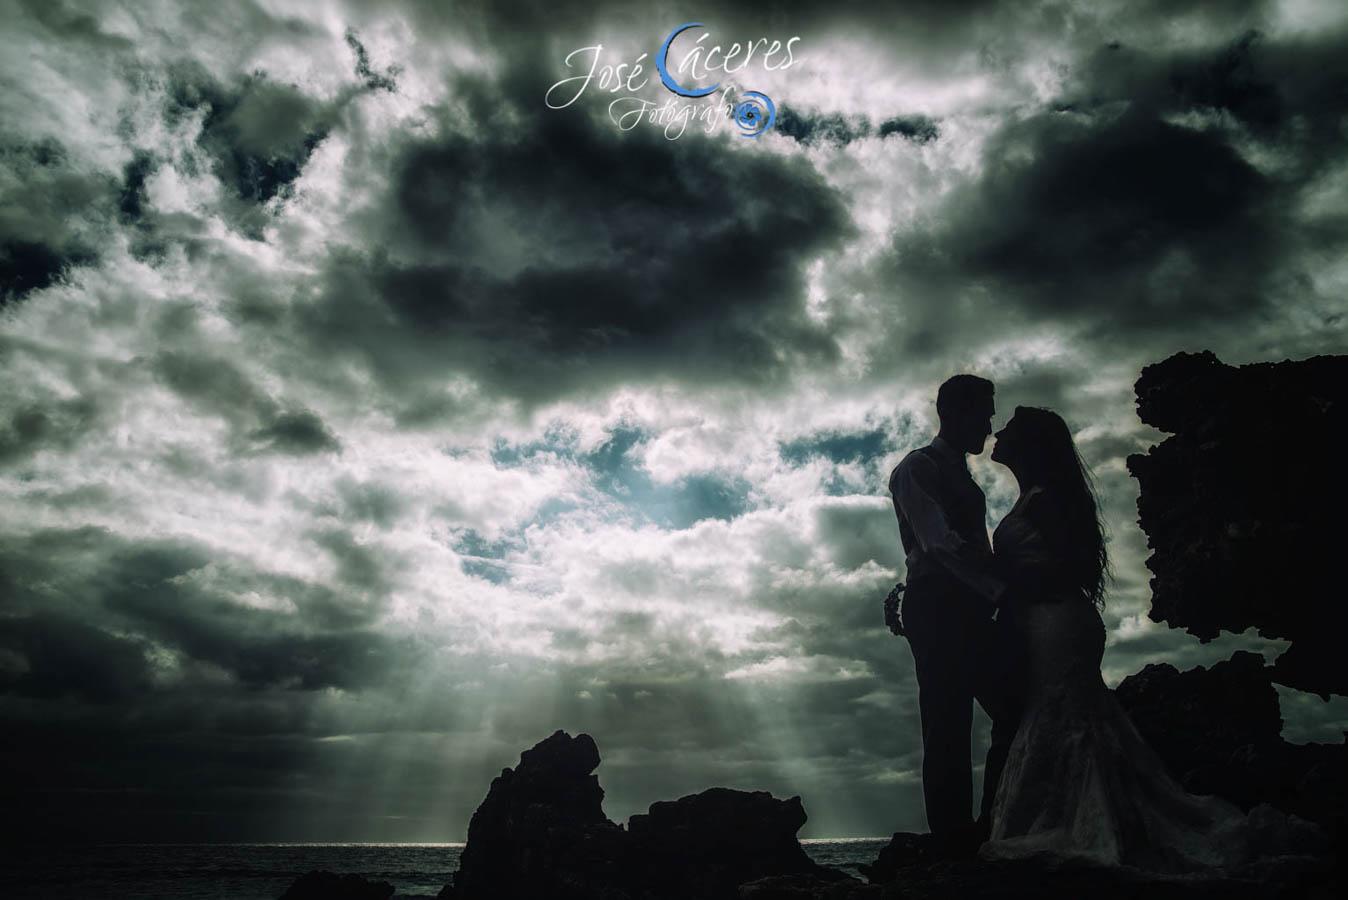 Sesion fotografica de jose caceres fotografia, post boda leticia y jose luis, playas-20